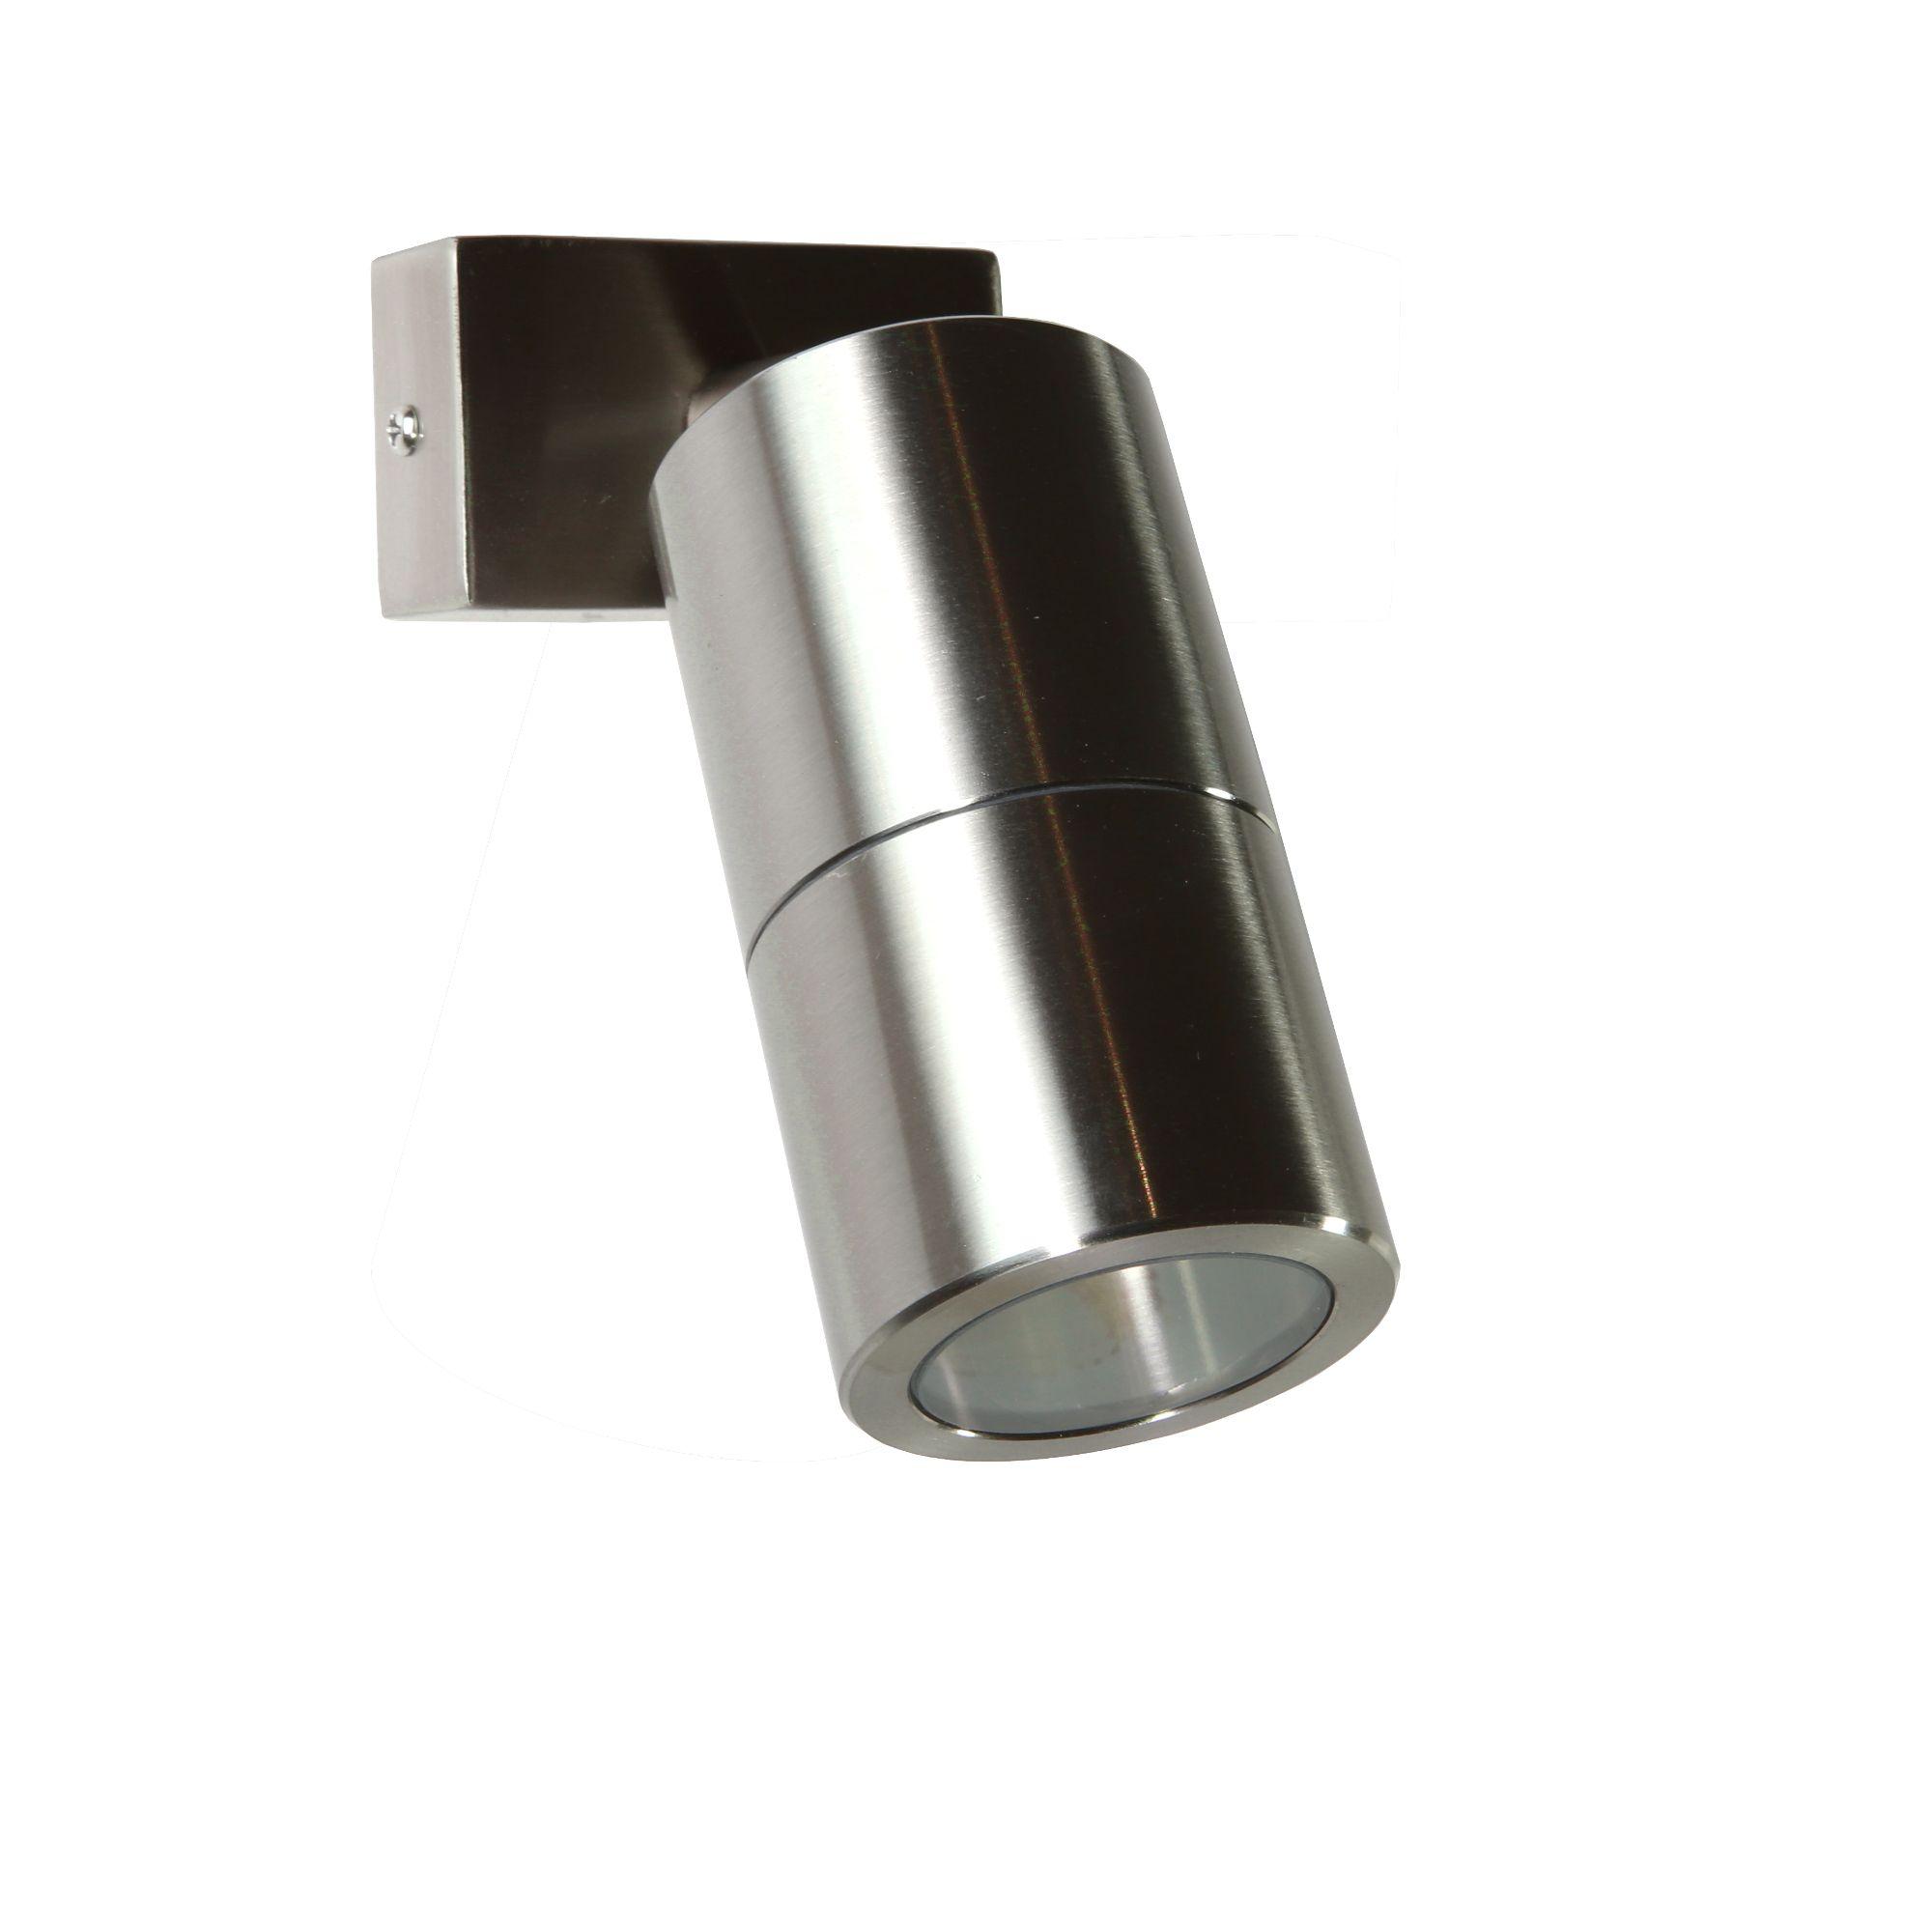 Sorrento Single Spot Light - 240V LED - 3mm 316 Stainless Steel